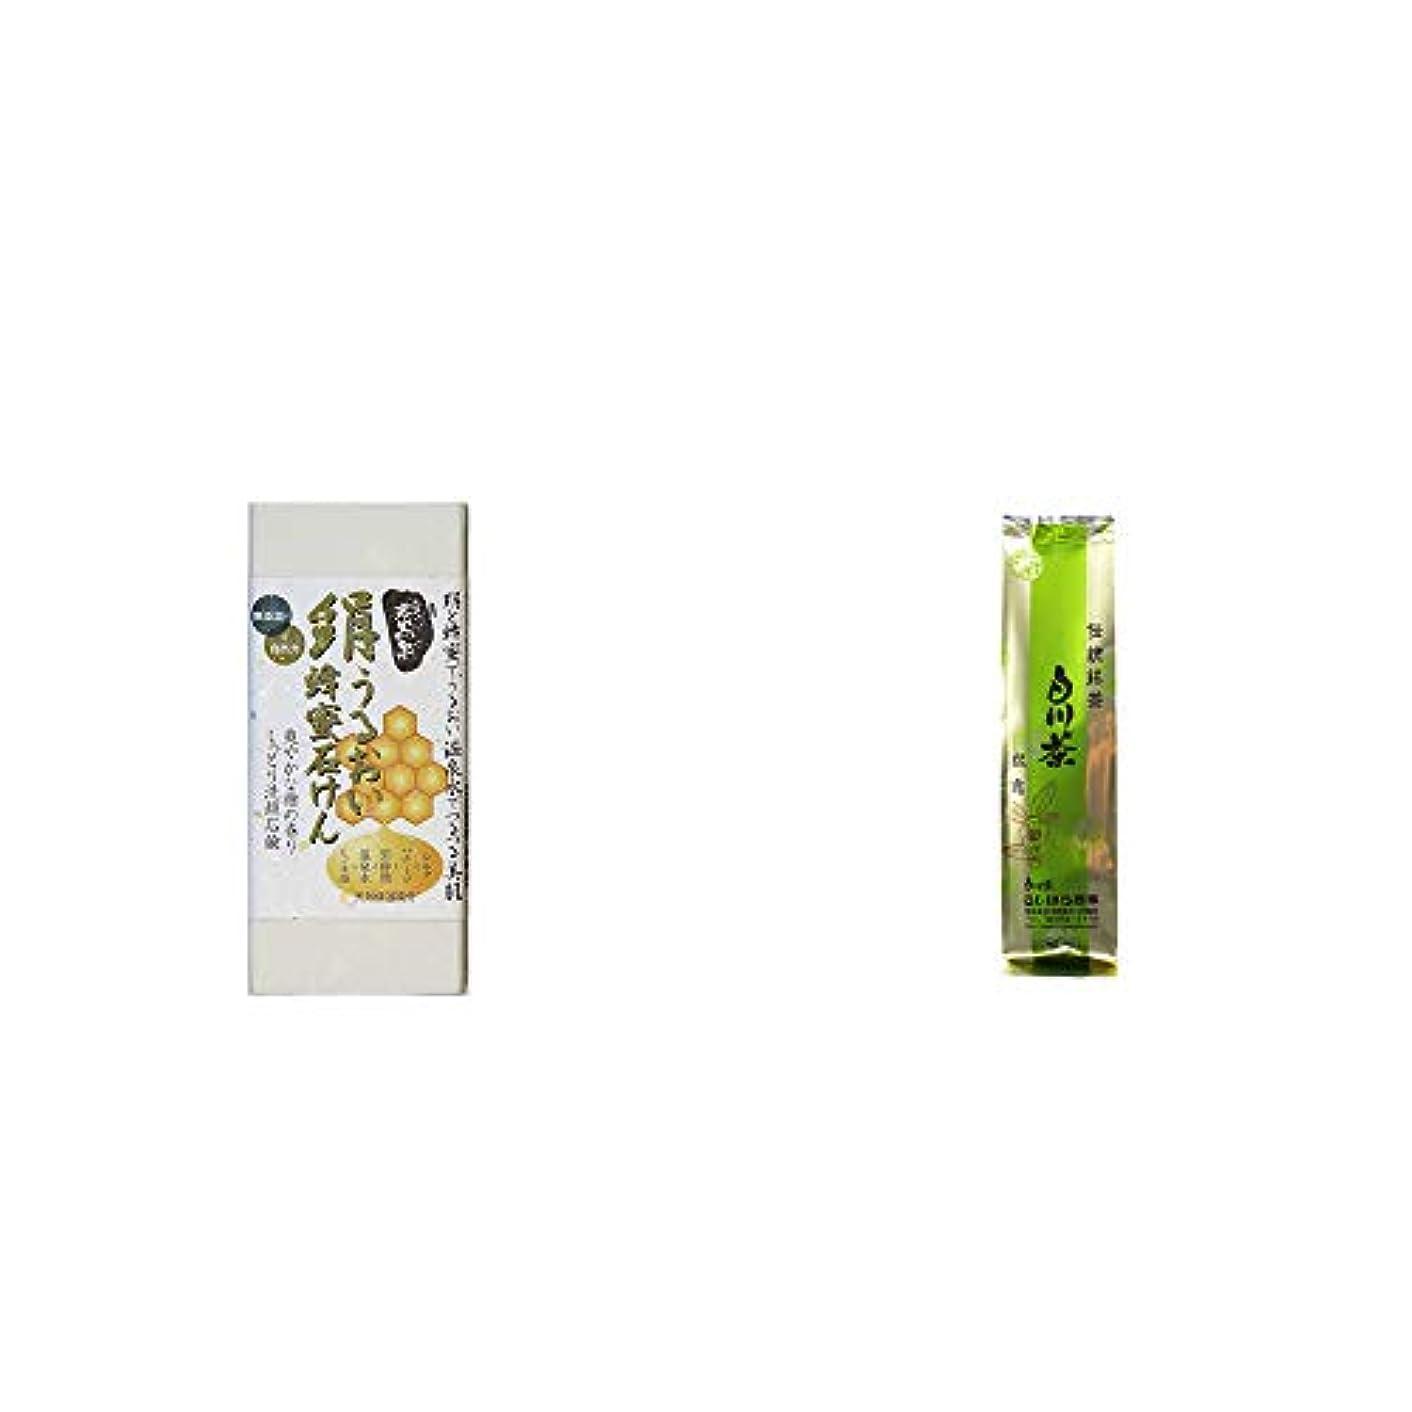 ポスト印象派雄弁タール[2点セット] ひのき炭黒泉 絹うるおい蜂蜜石けん(75g×2)?白川茶 伝統銘茶【松露】(180g)